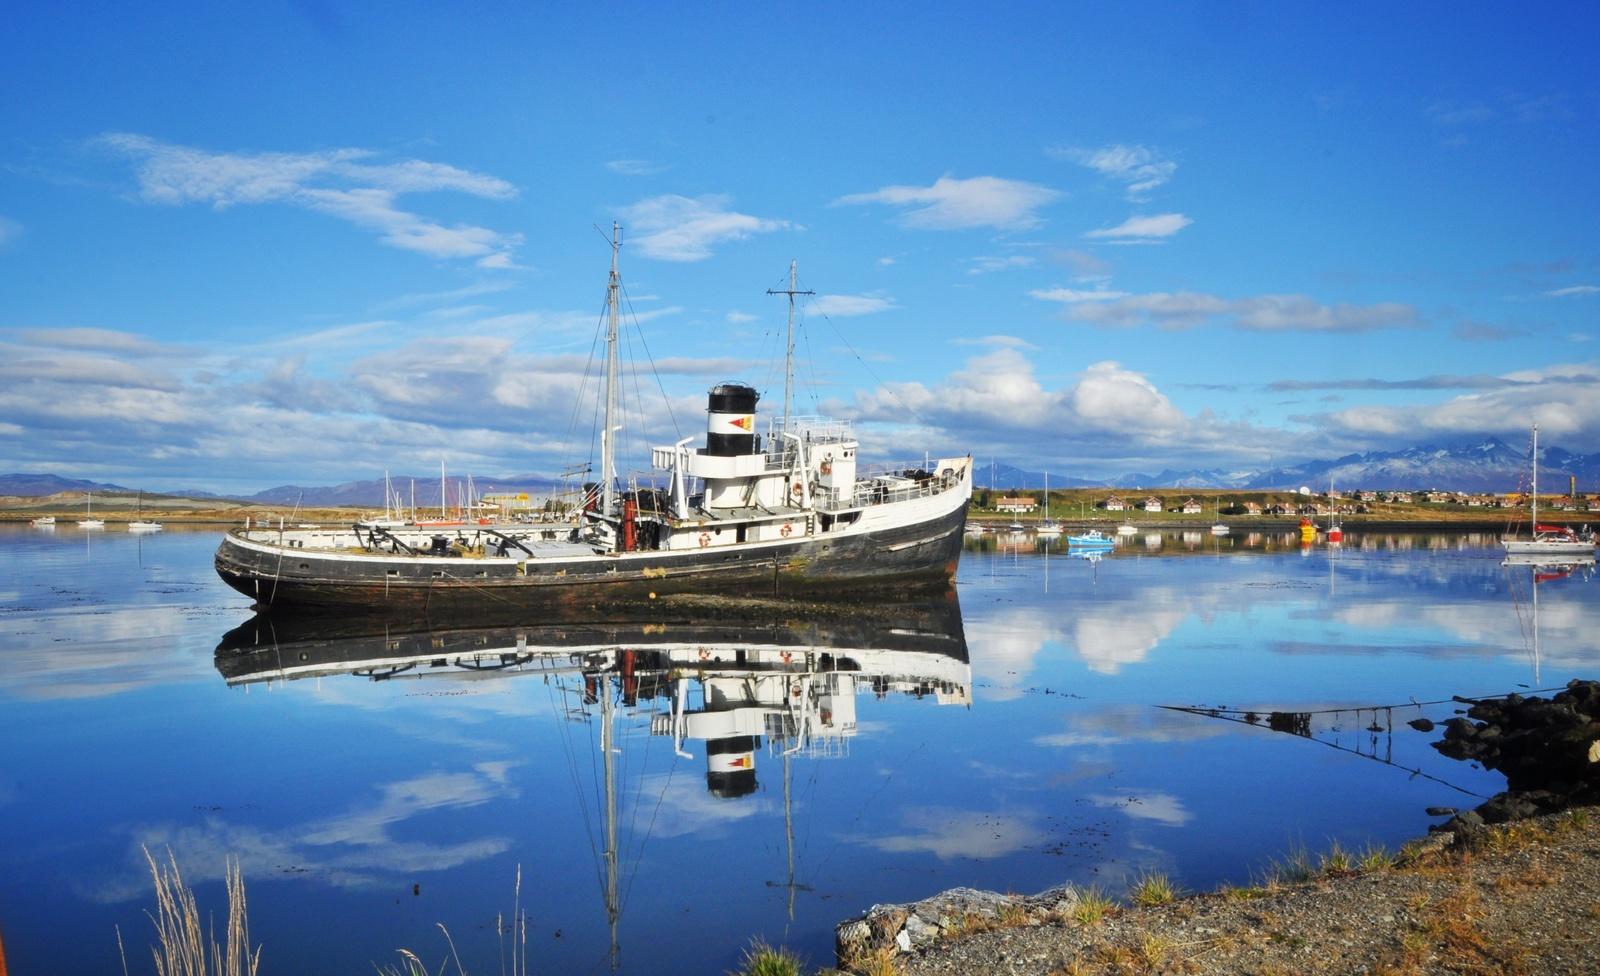 bateau ushuaia